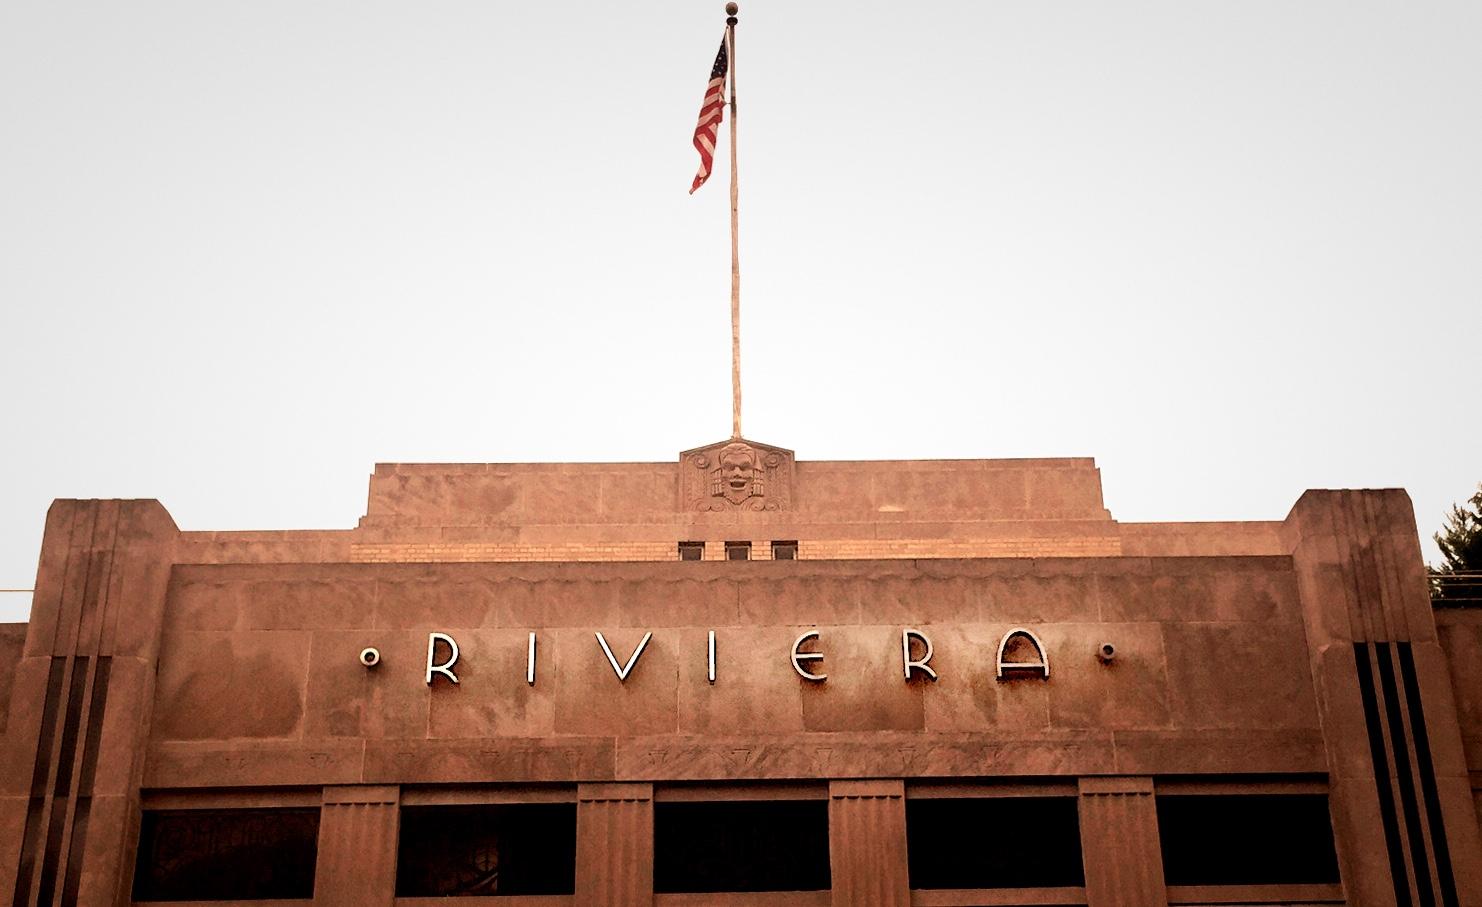 Riviera Movie Theater, August 2015